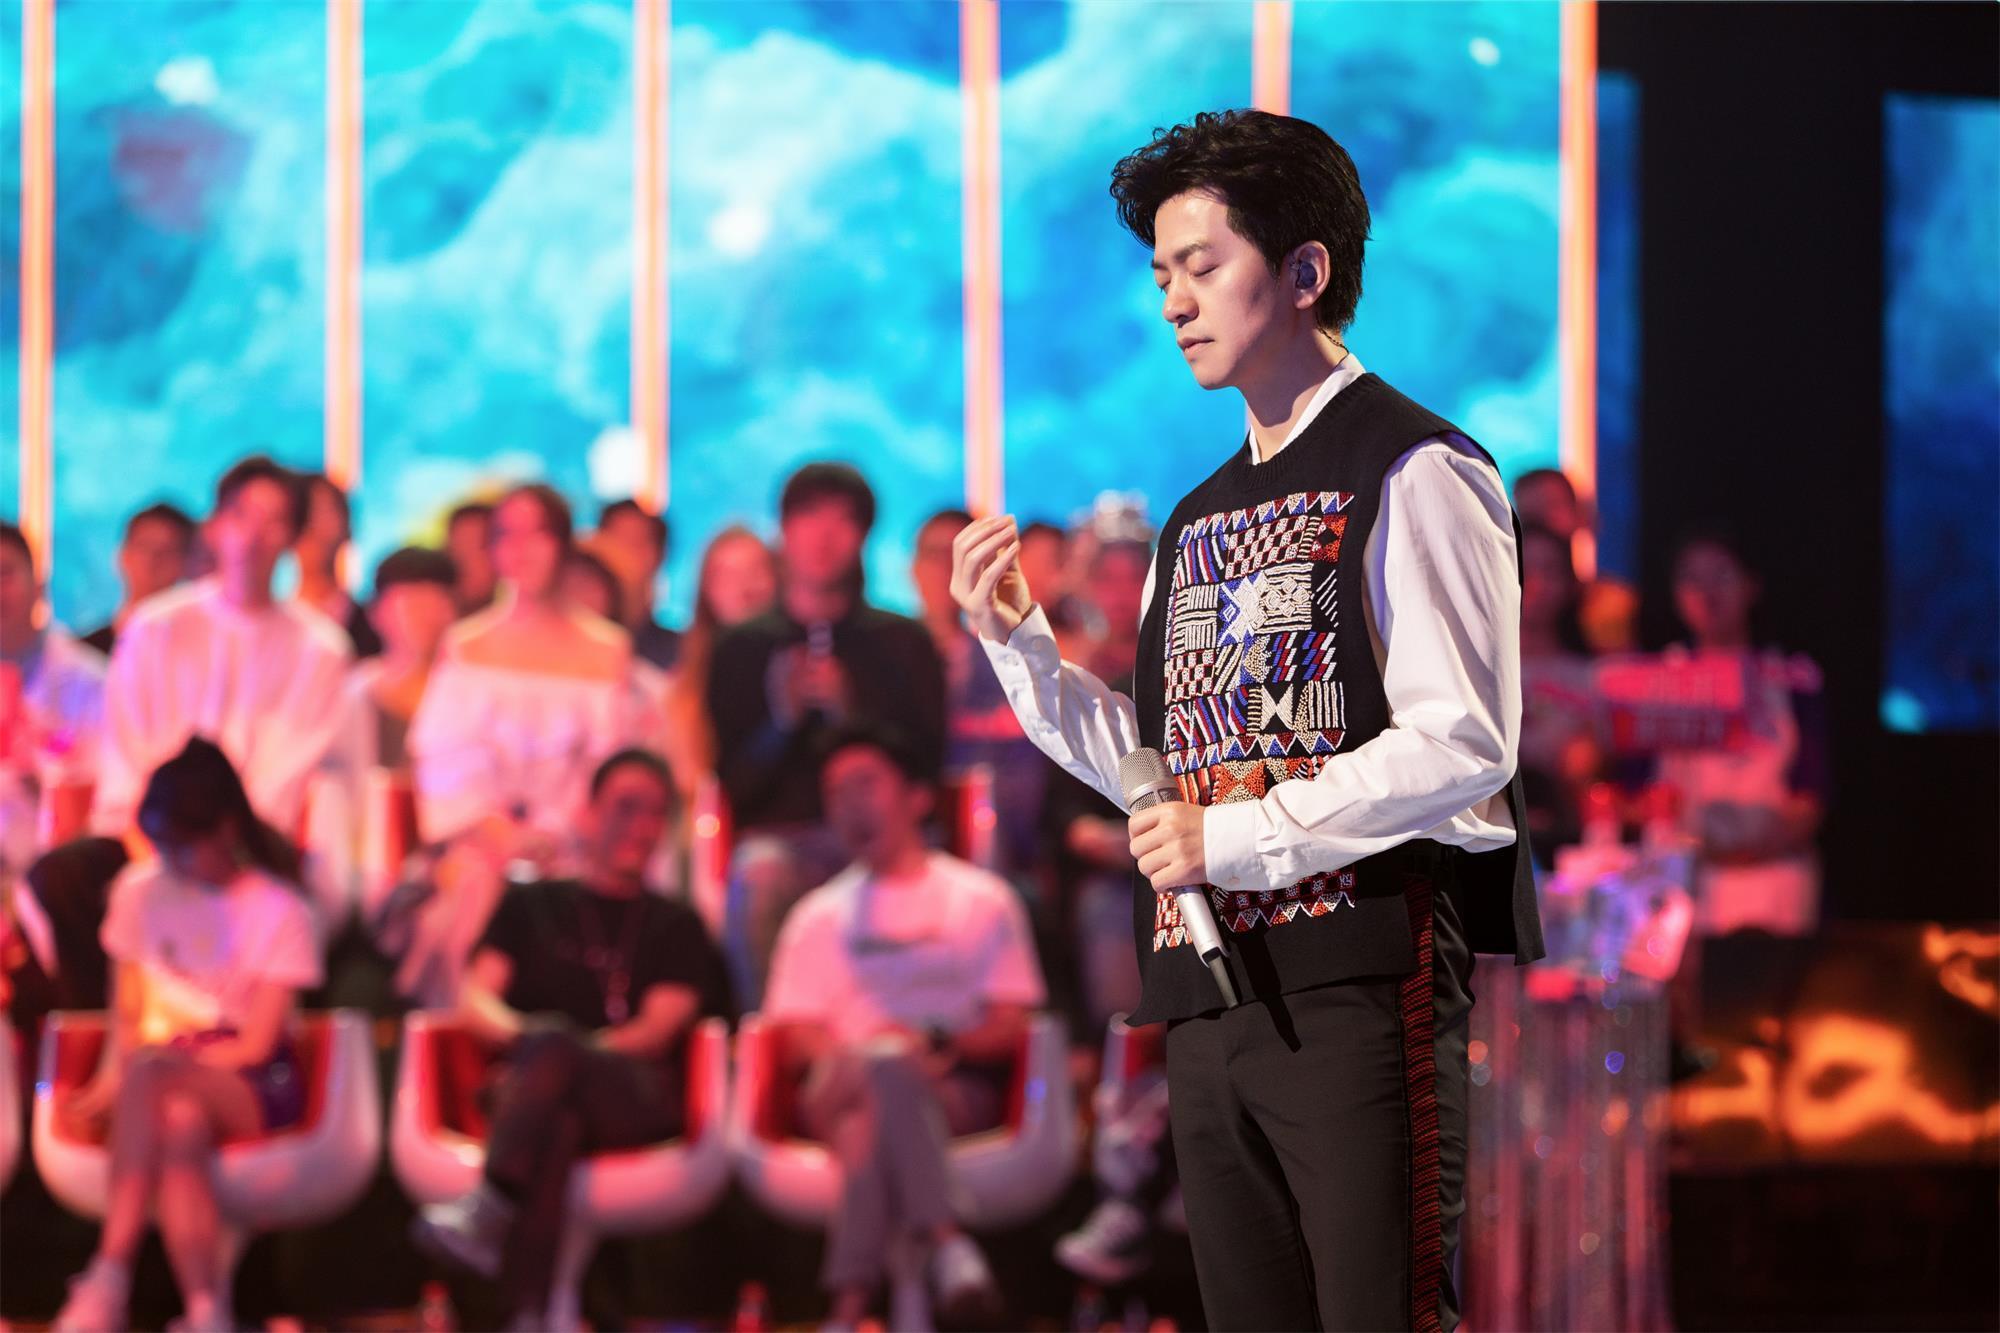 《我想和你唱》周五播出 李健被粉丝指出具备舞蹈功力